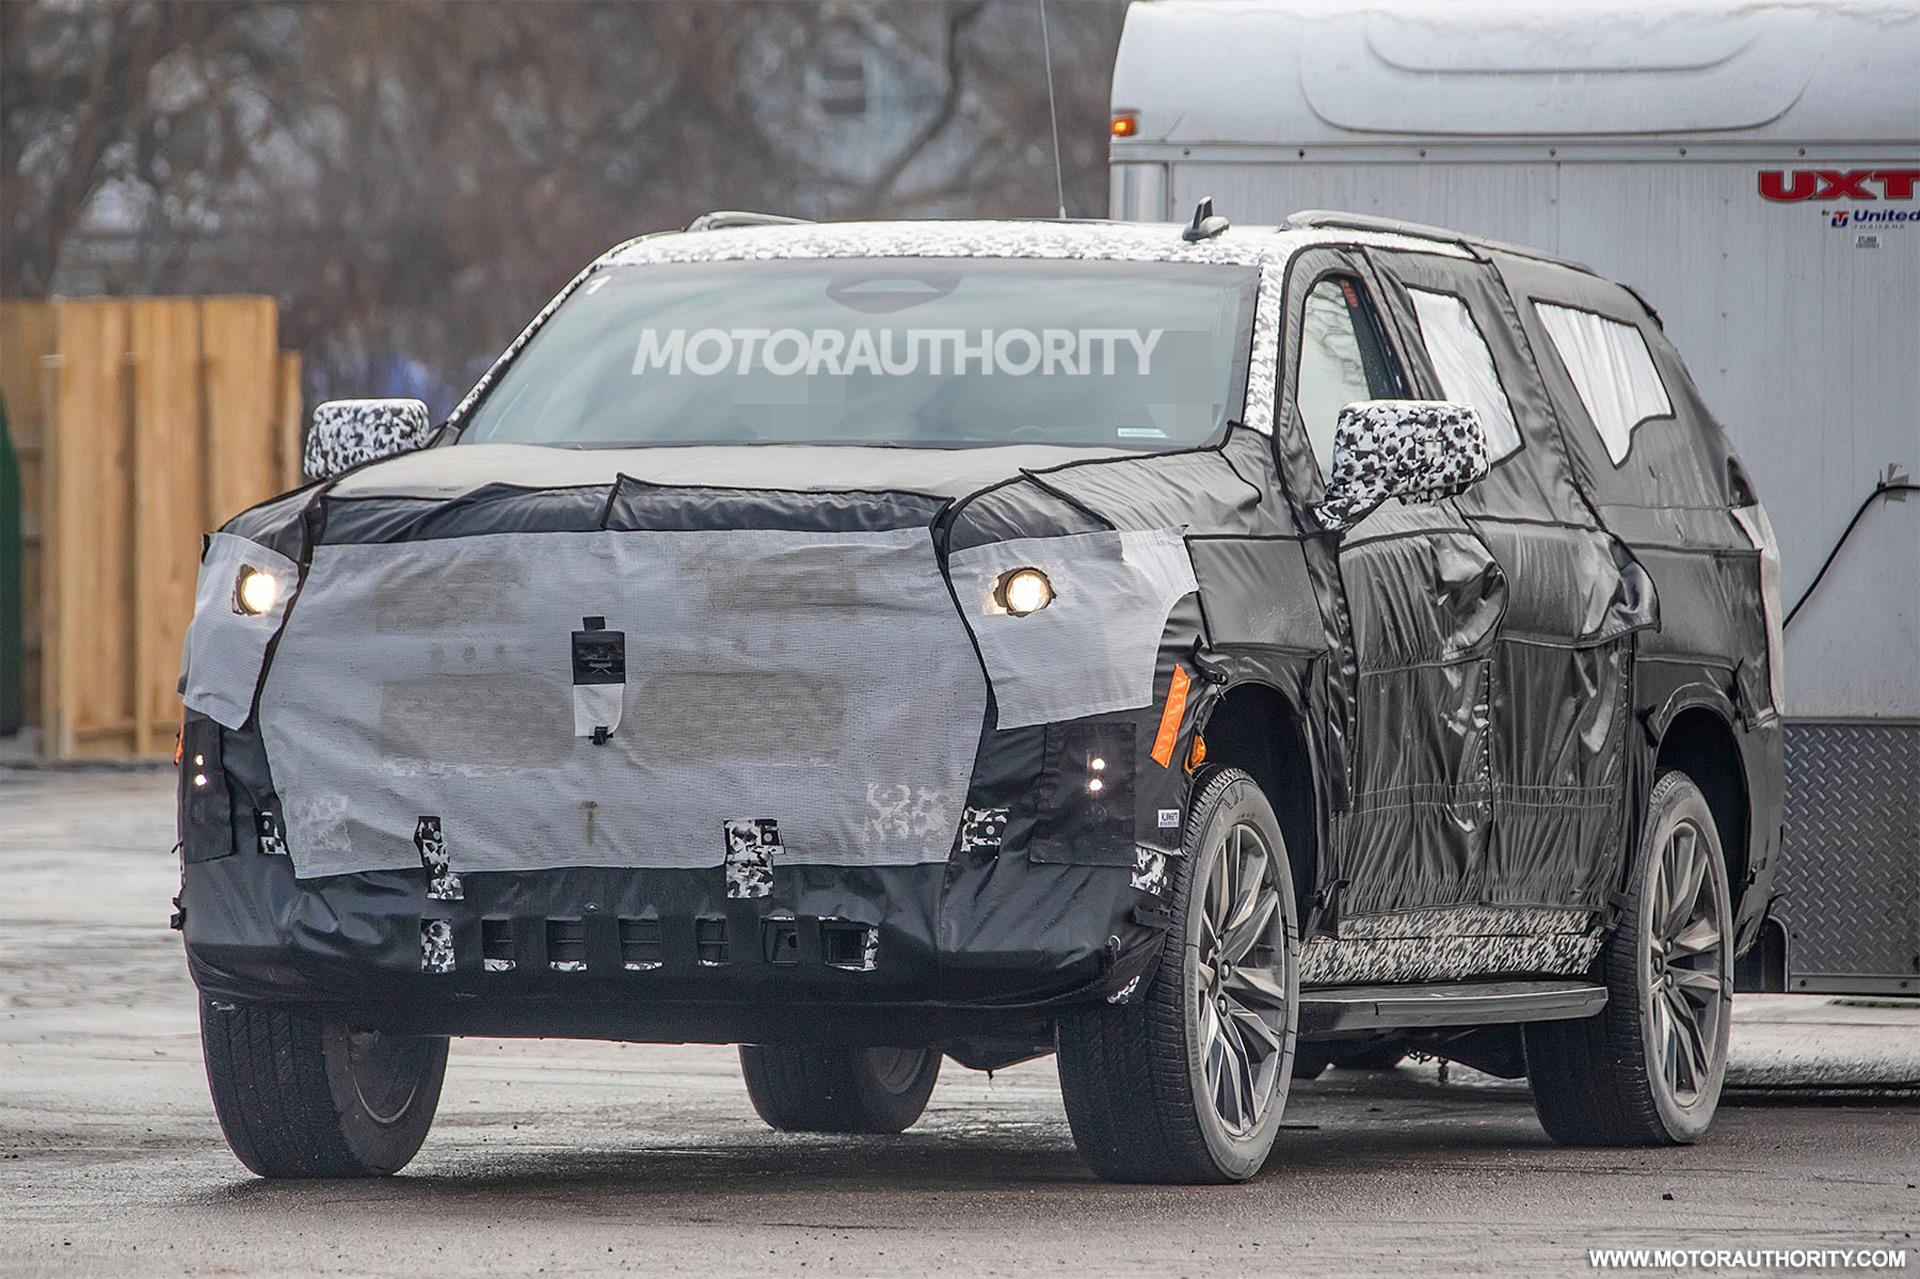 202 - [Cadillac] Escalade V 2020-cadillac-escalade-esv-spy-shots--image-via-s-baldauf-sb-medien_100684218_h